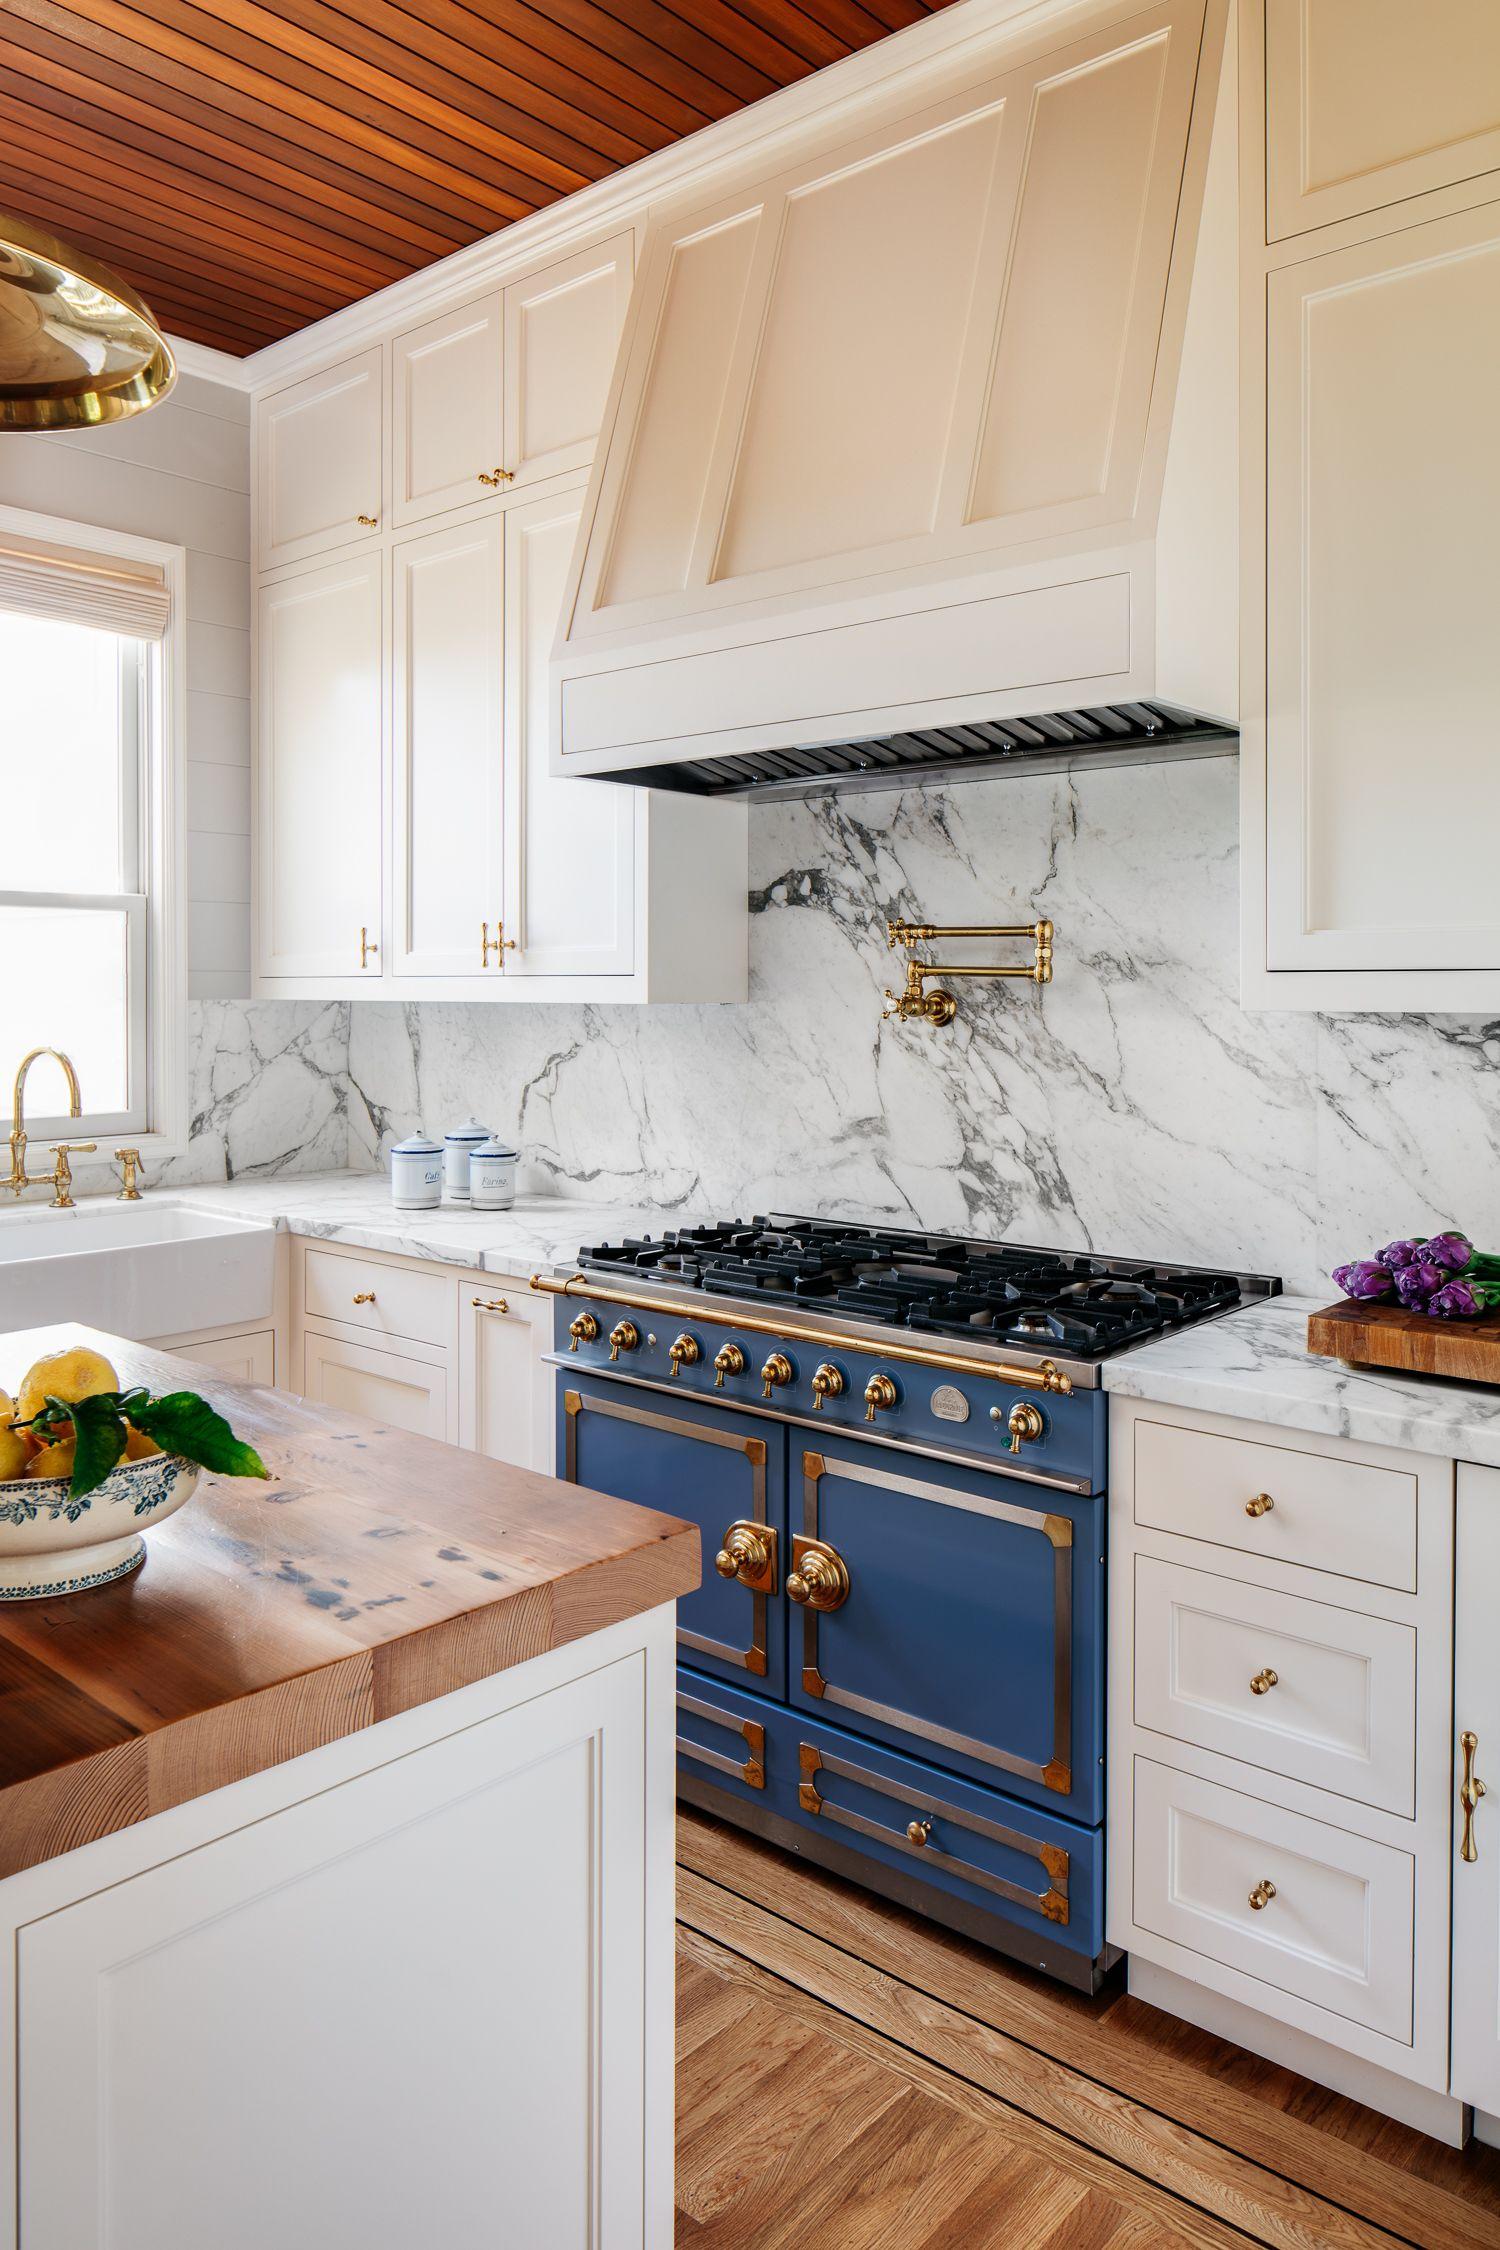 Classic French La Cornue Range In Royal Blue Create A Culinary Focus The Restoration Hardware P Interior Design Kitchen La Cornue Kitchen Kitchen Refinishing